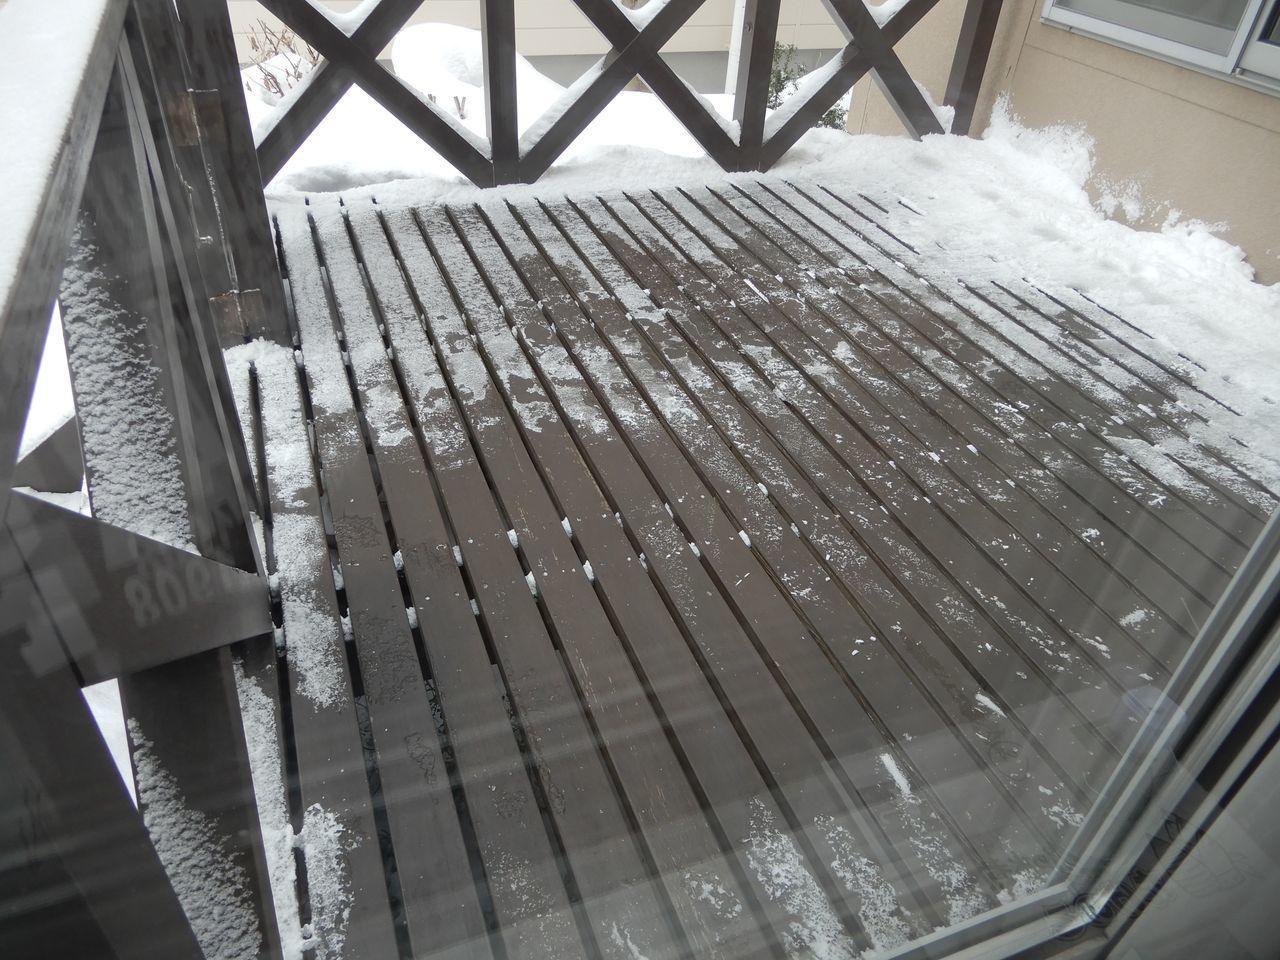 久しぶりの本格的降雪_c0025115_21142885.jpg